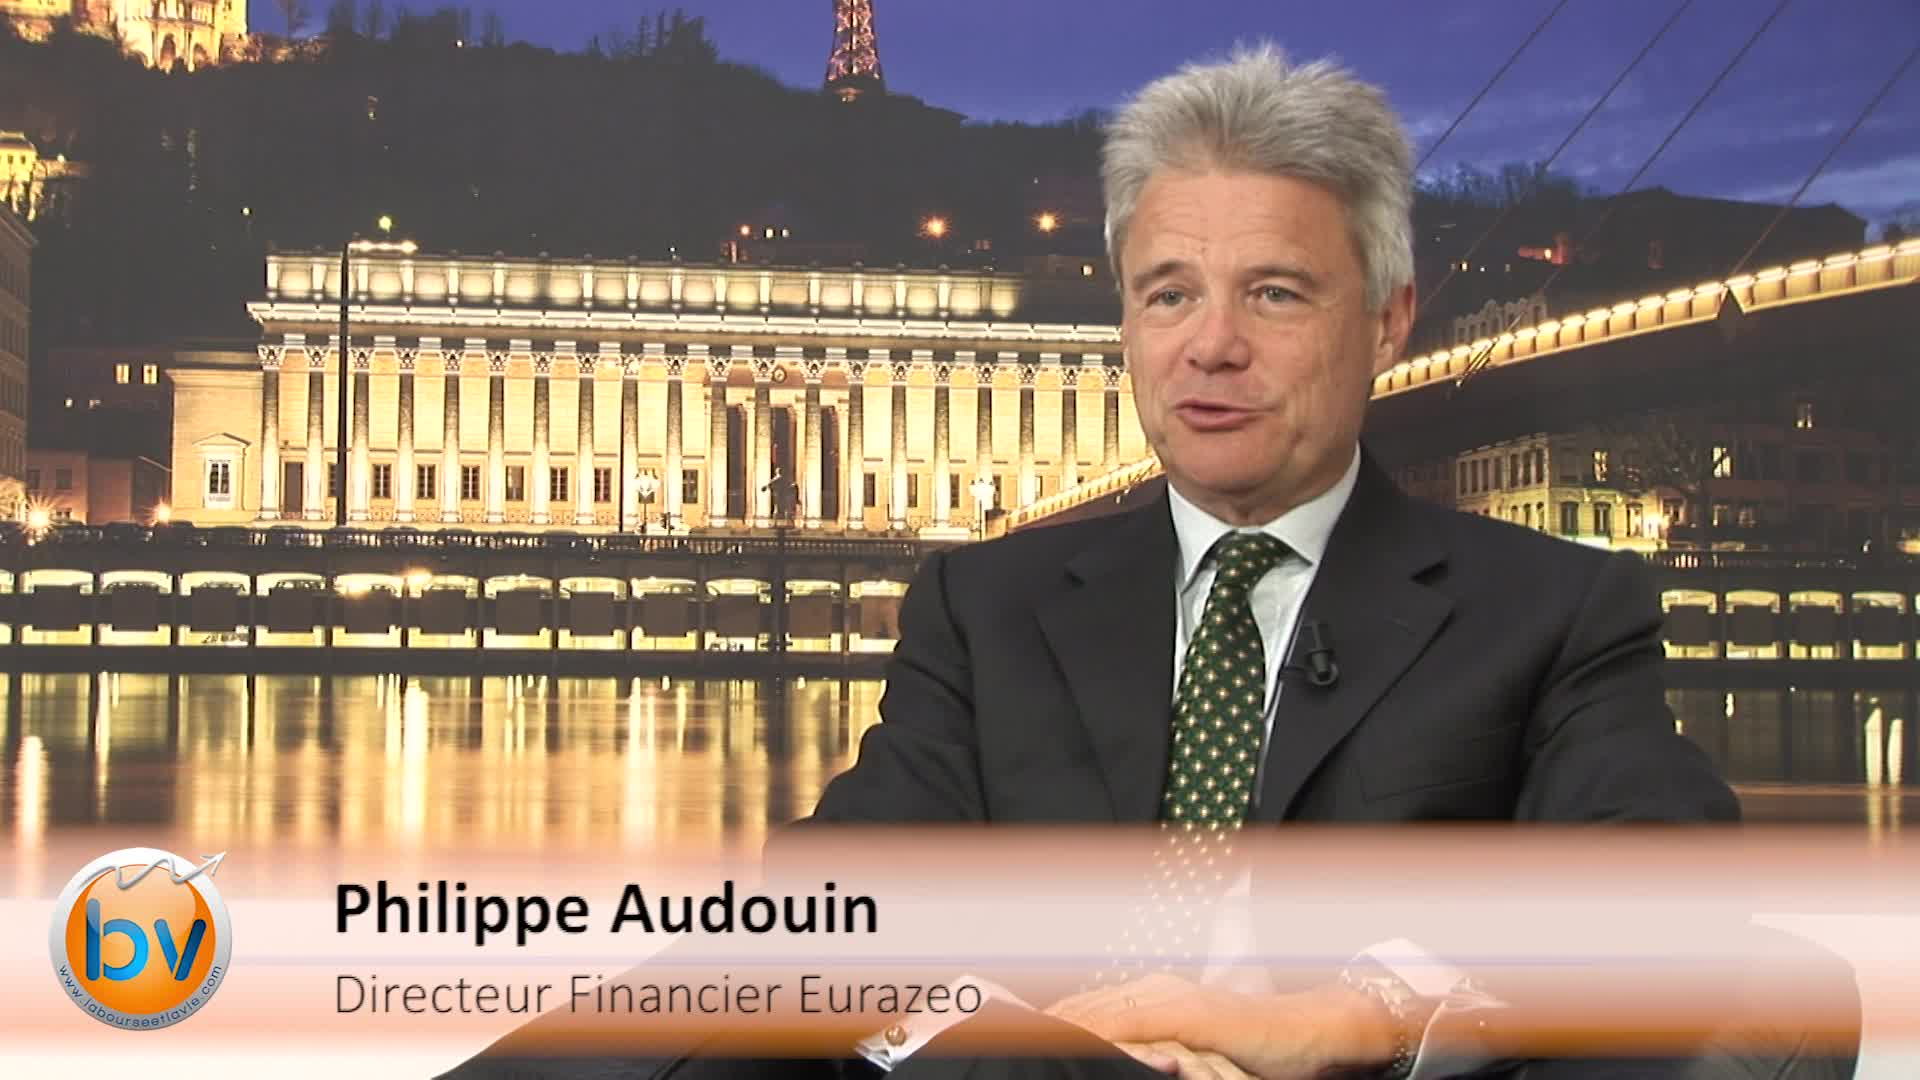 """Philippe Audouin Directeur Financier Eurazeo : """"Nous avons toujours une stratégie très diversifiée"""""""